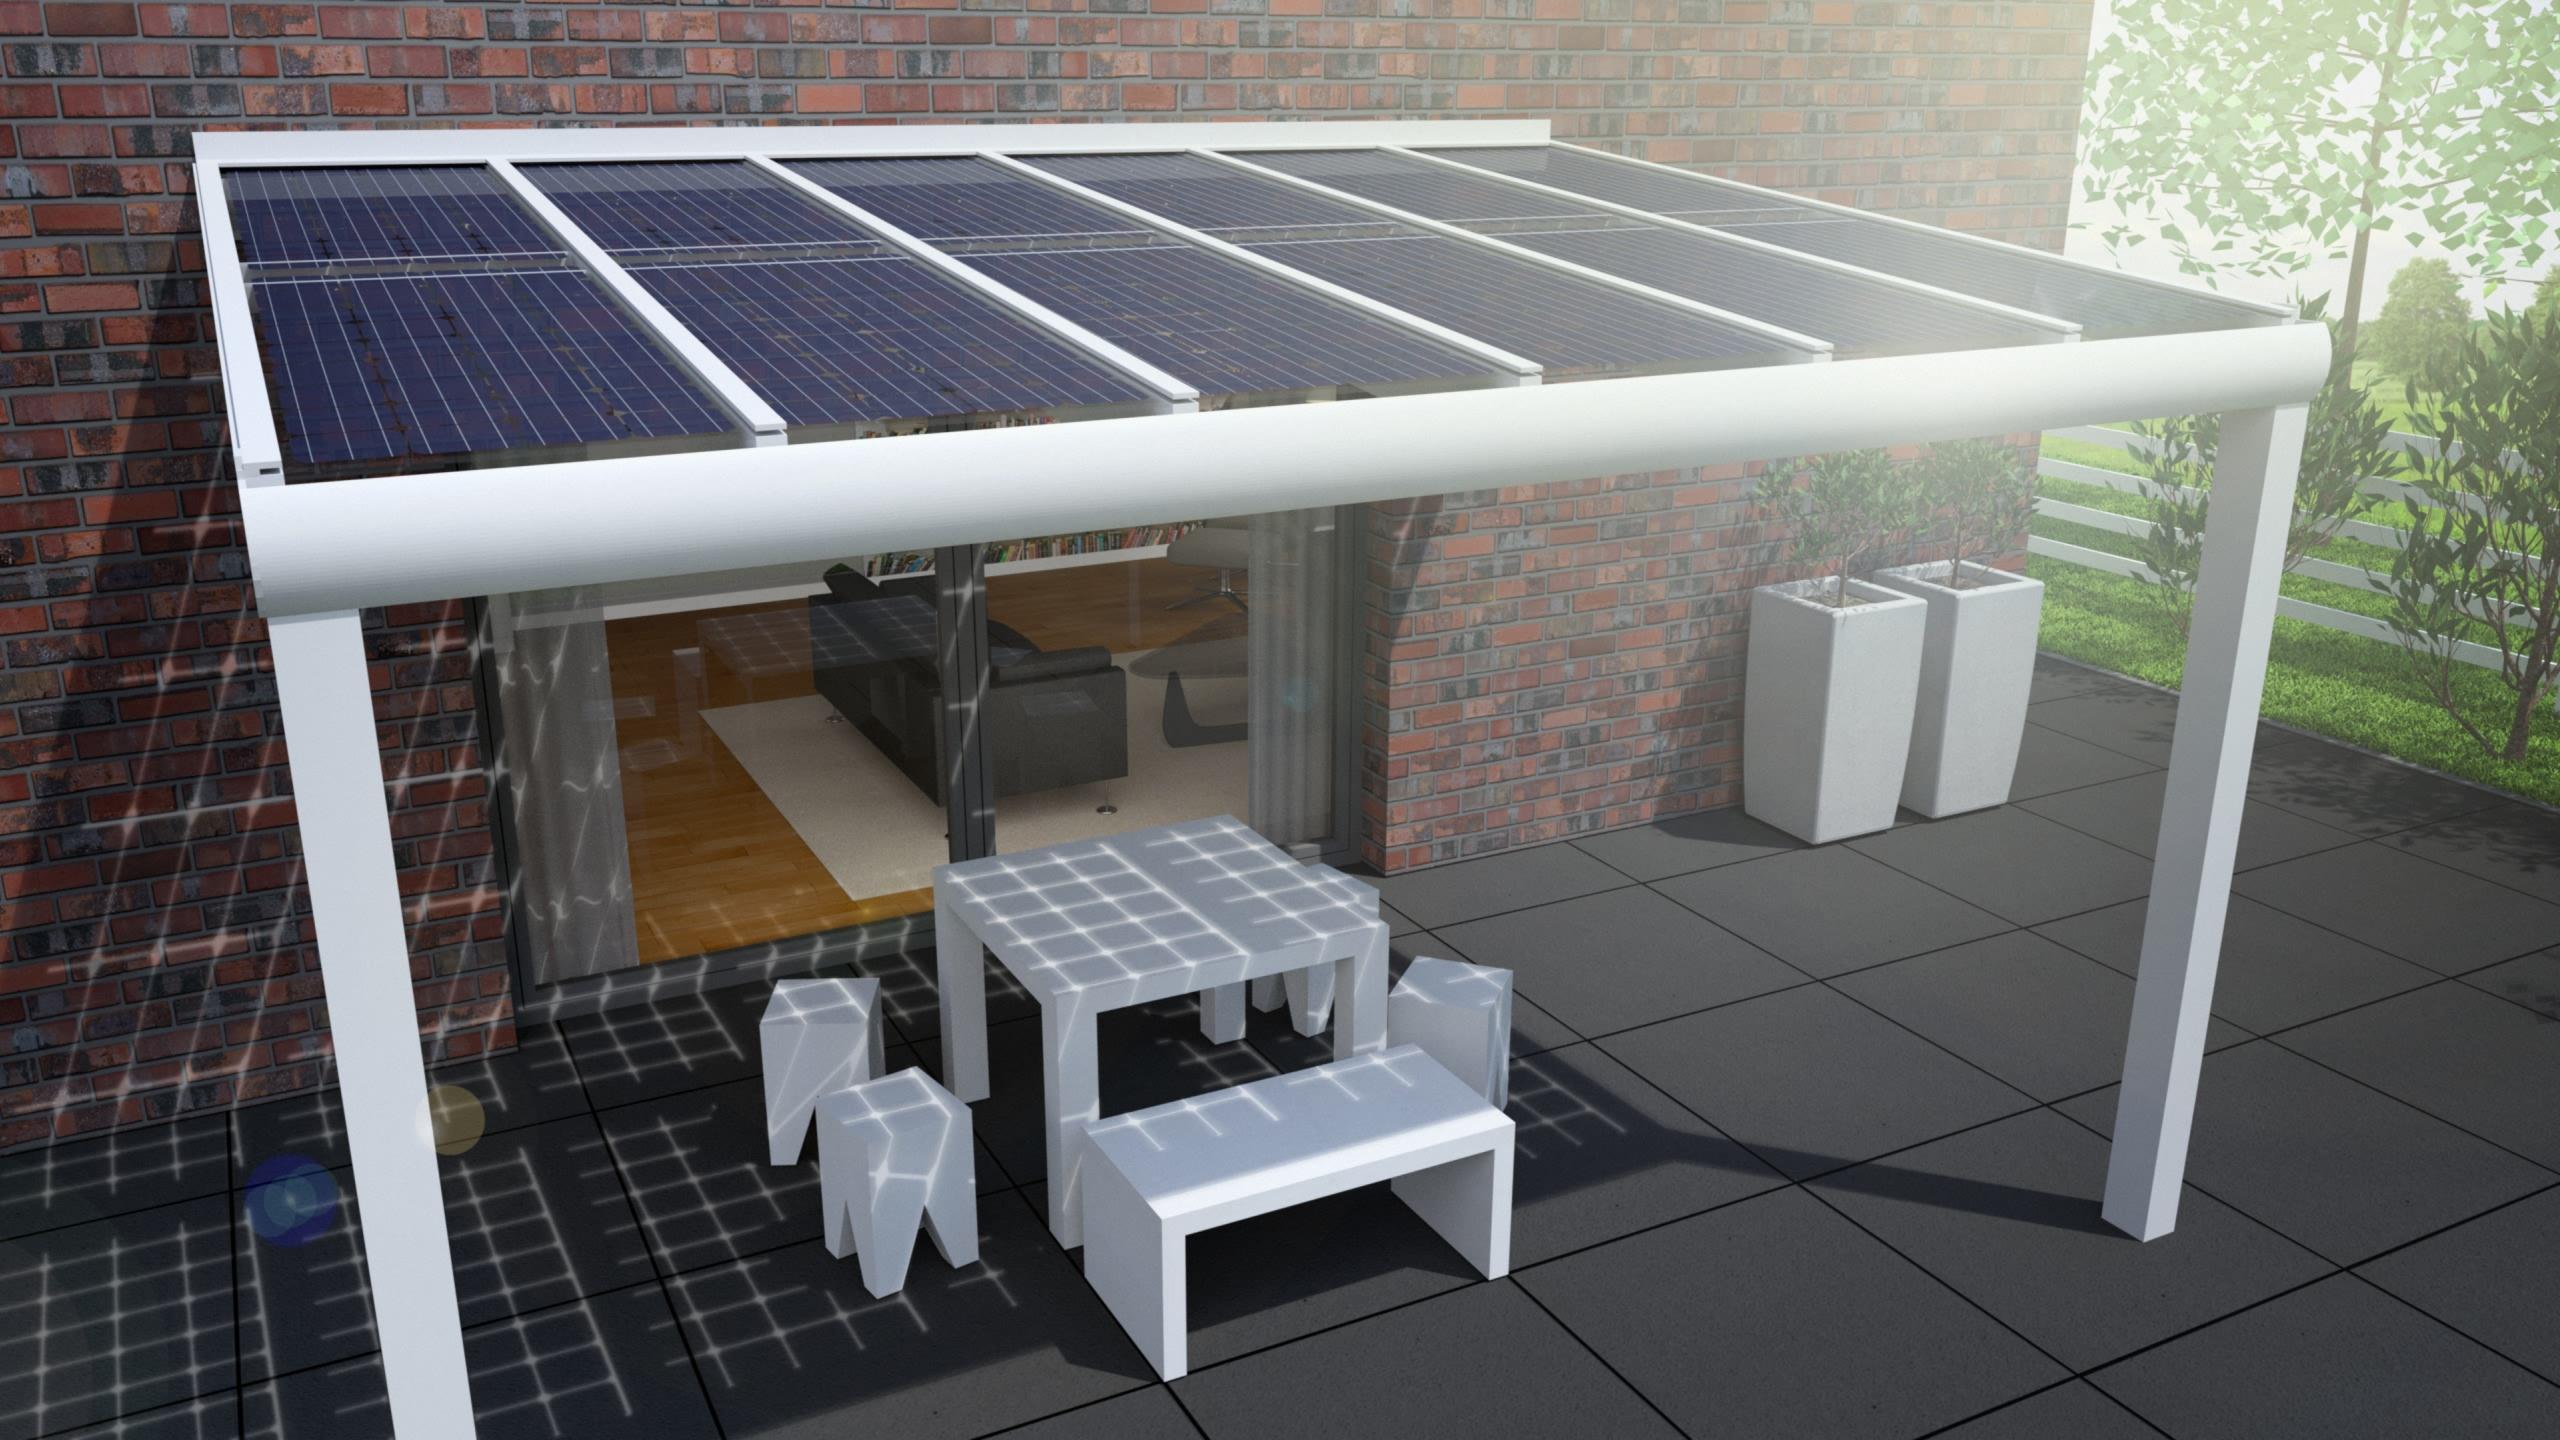 Terrassenuberdachung Preise Alu ~ Cool terrassenüberdachung preise mit montage amazon osoltus